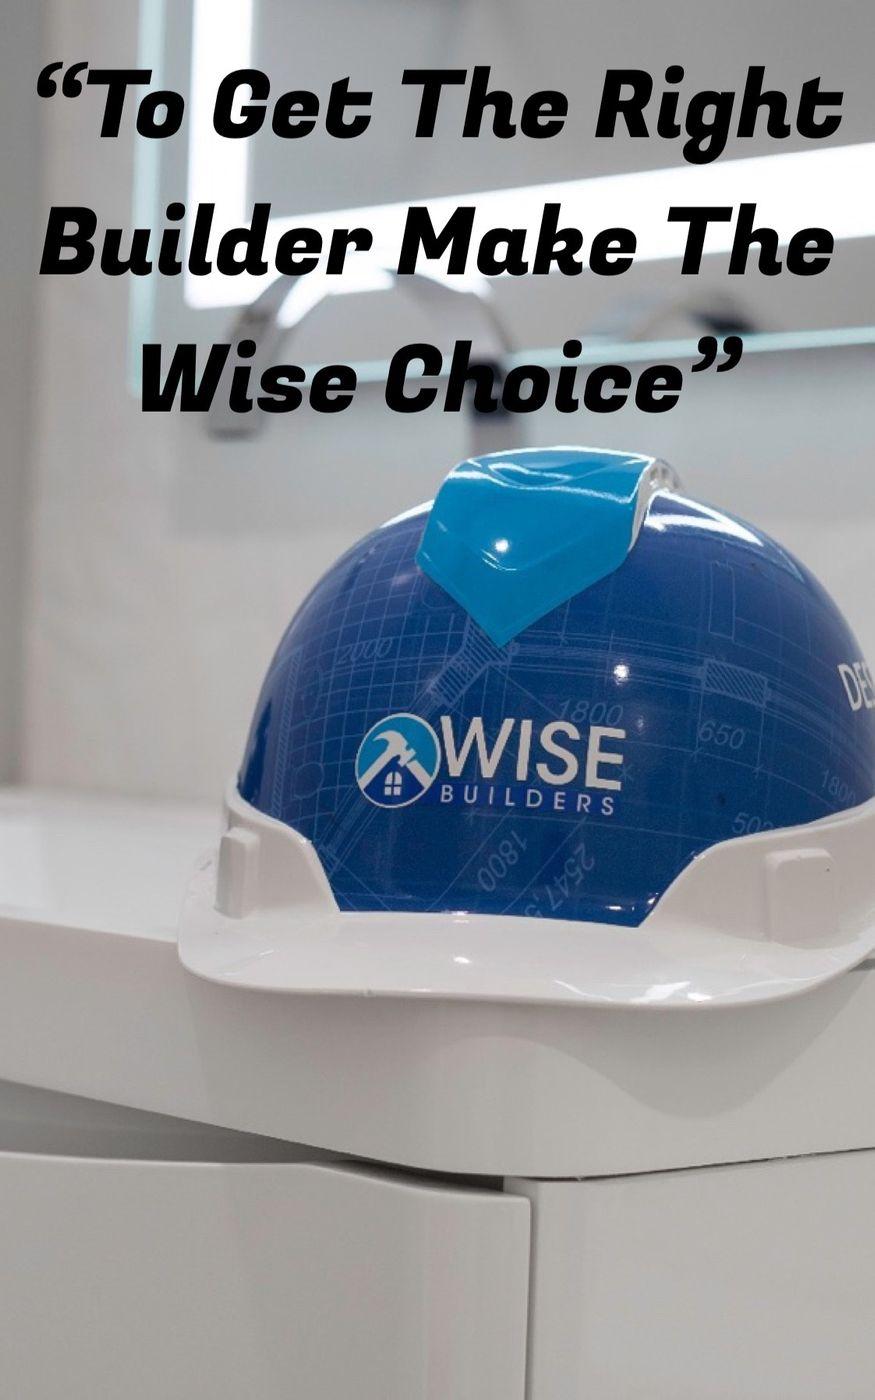 Wise Builders